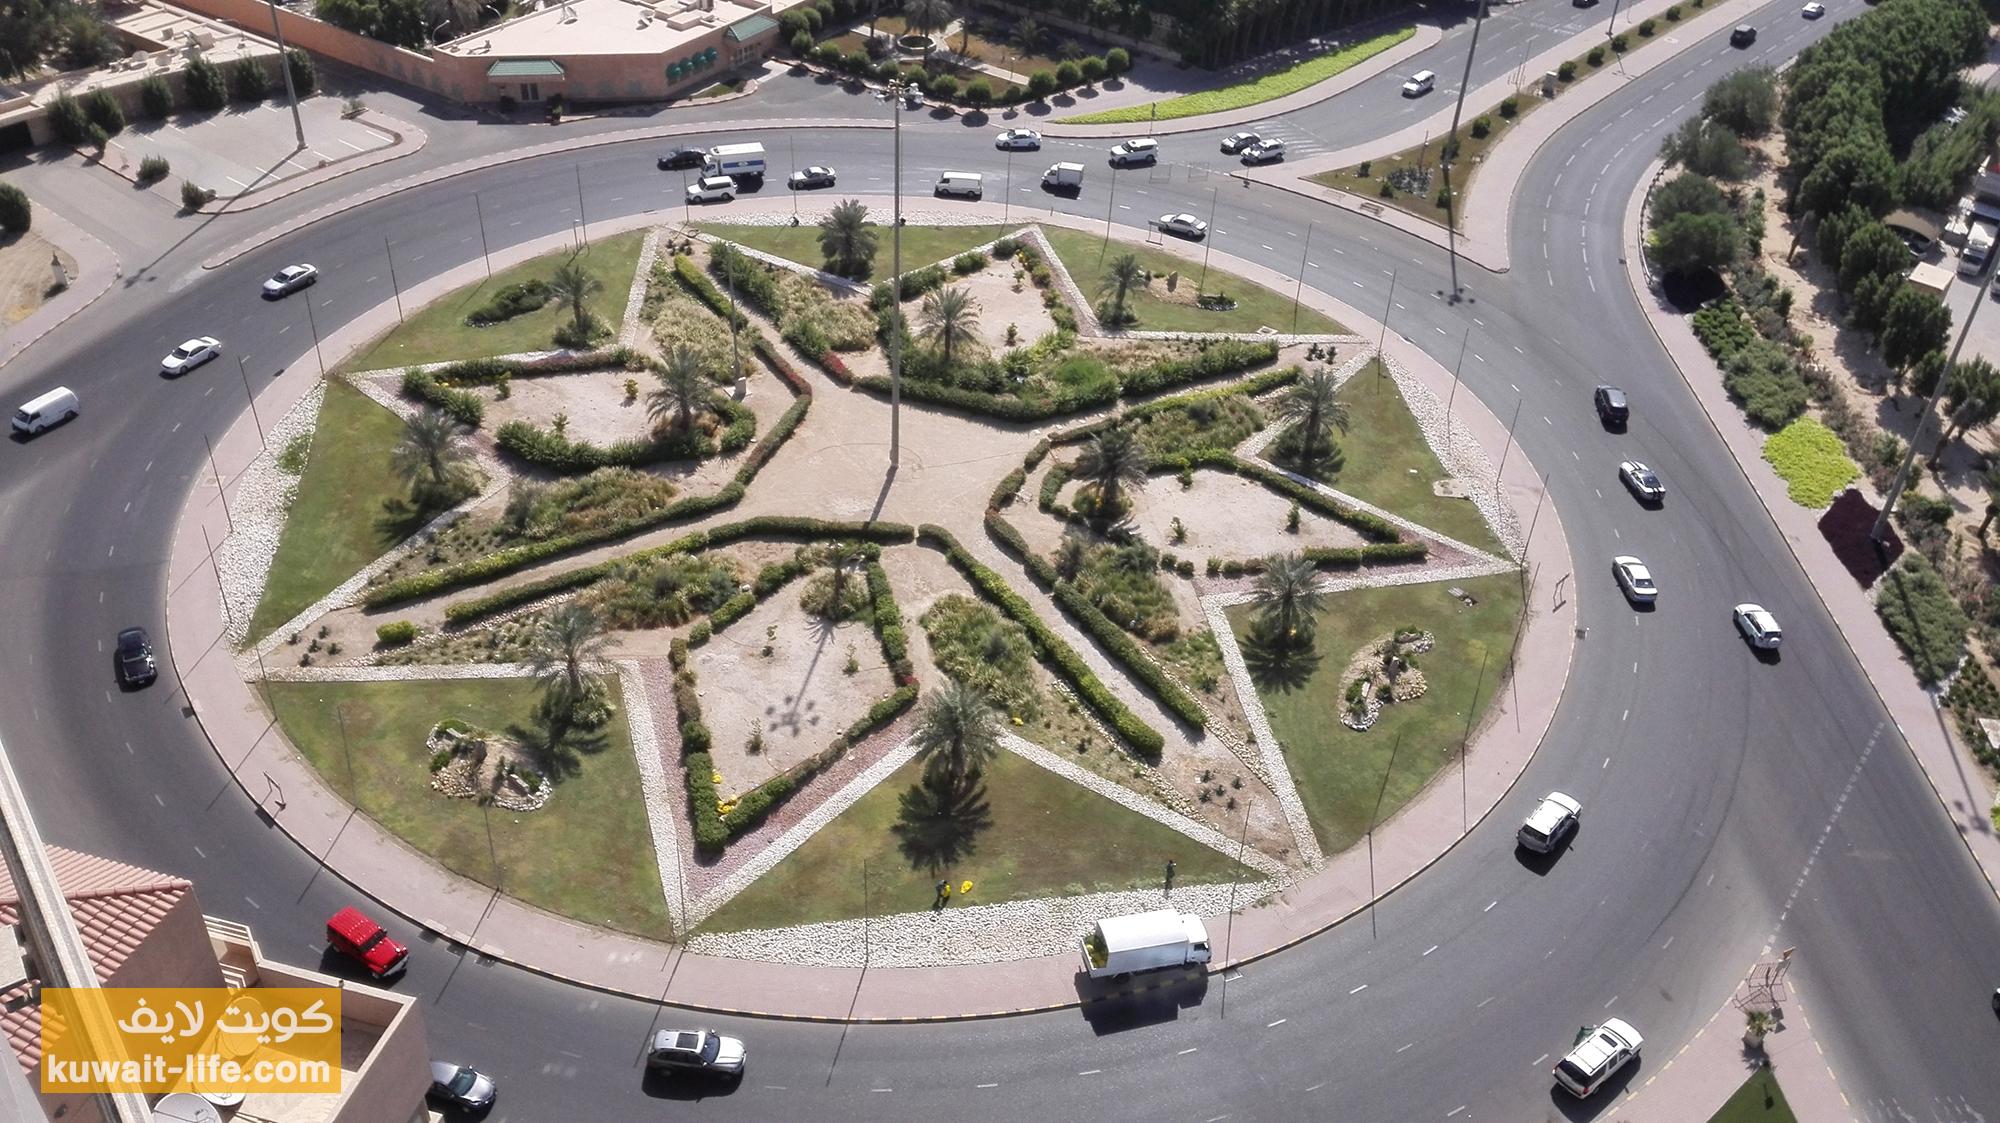 دوار البدع، السالمية، الكويت Beda' Roundabout, Salmiya, Kuwait 2